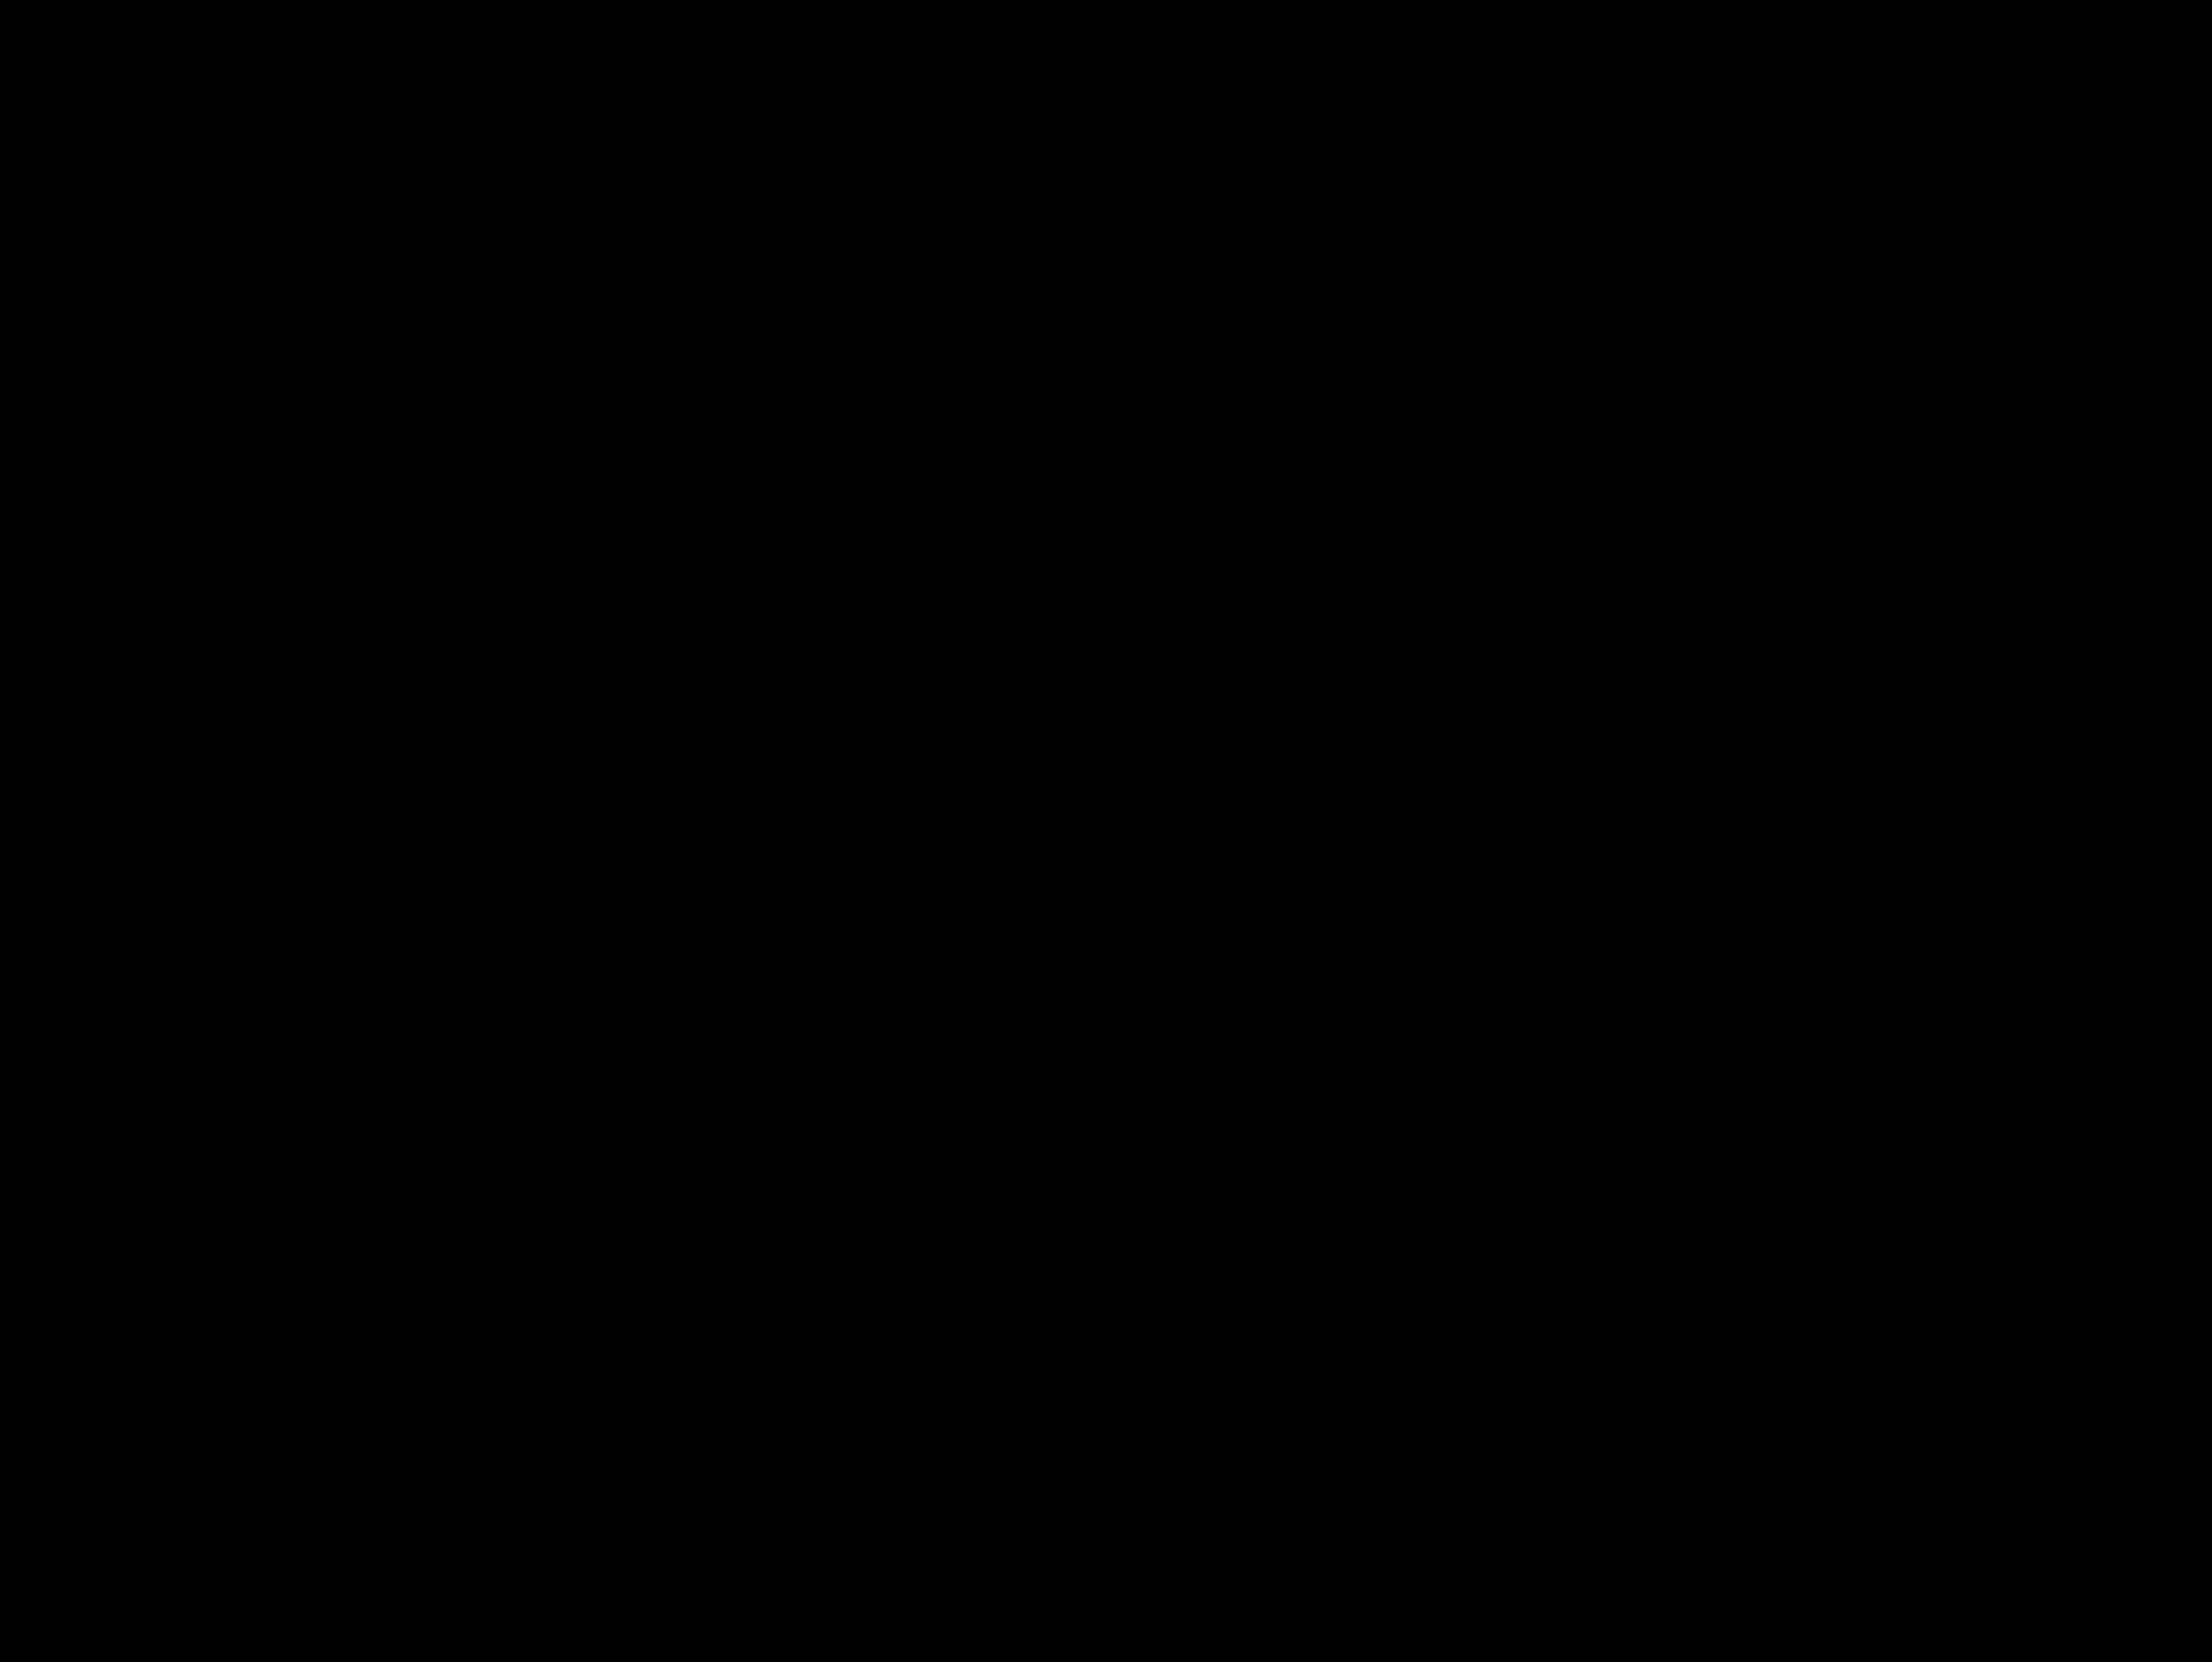 Star Kitchen Jose Garces Outdoor Kitchen Food Network Build Outdoor Kitchen Outdoor Kitchen Design Modern Outdoor Kitchen